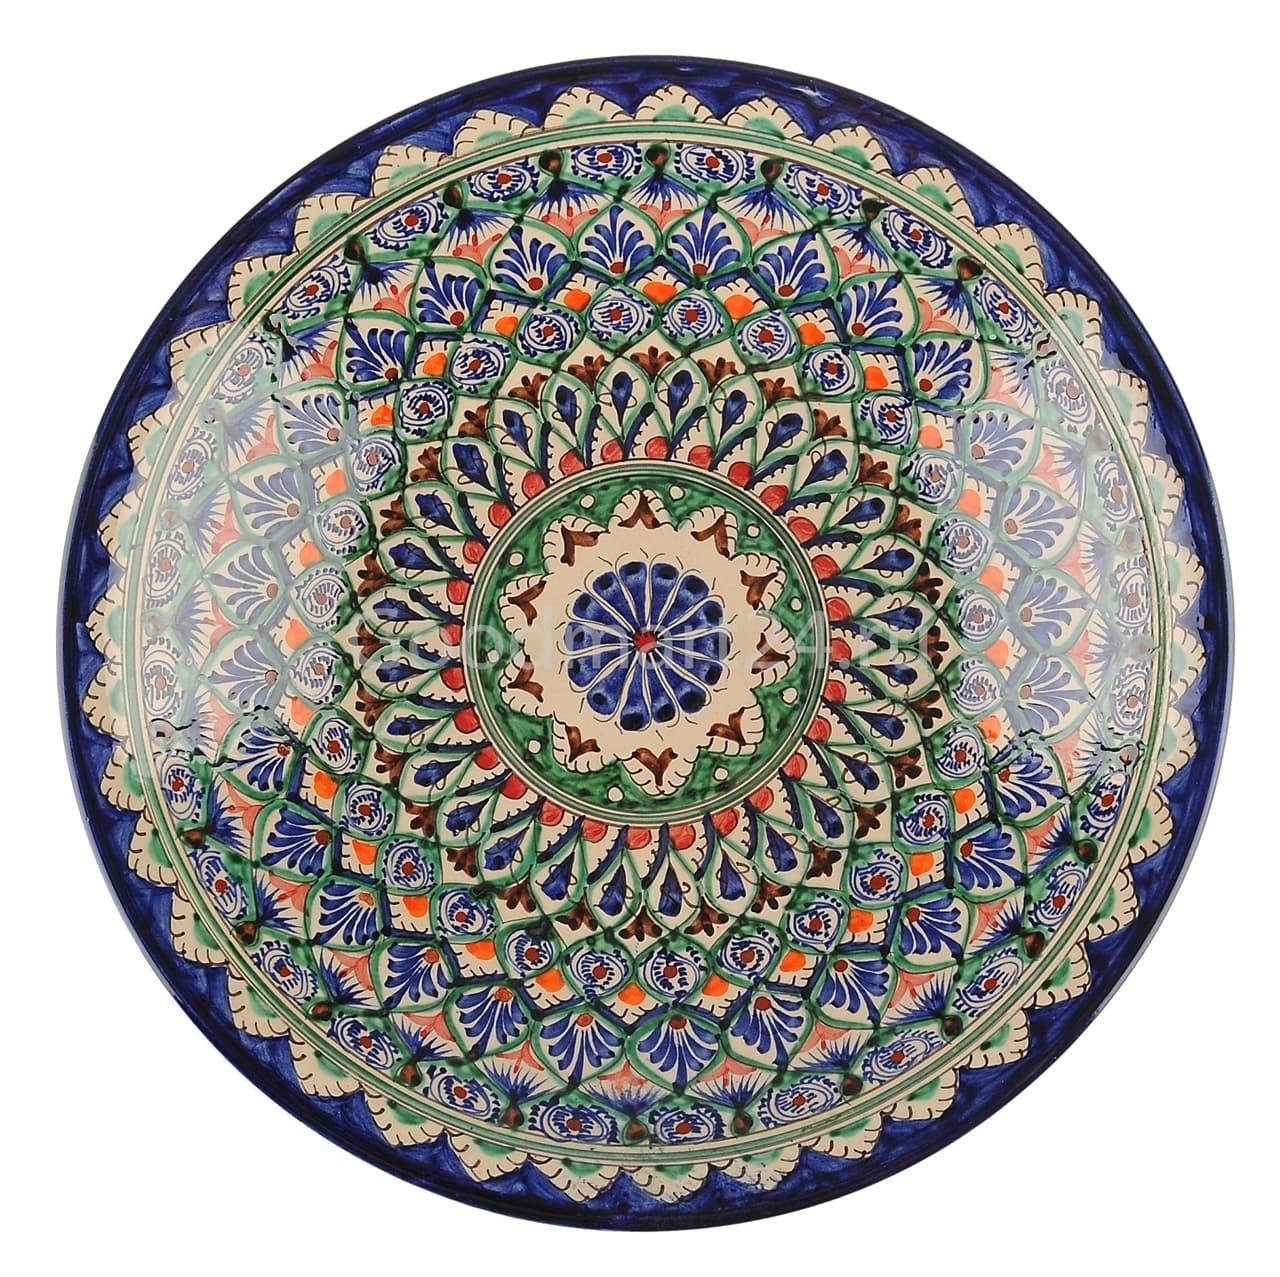 Тарелка глубокая Риштанская Керамика 19 см. синяя - фото 7528